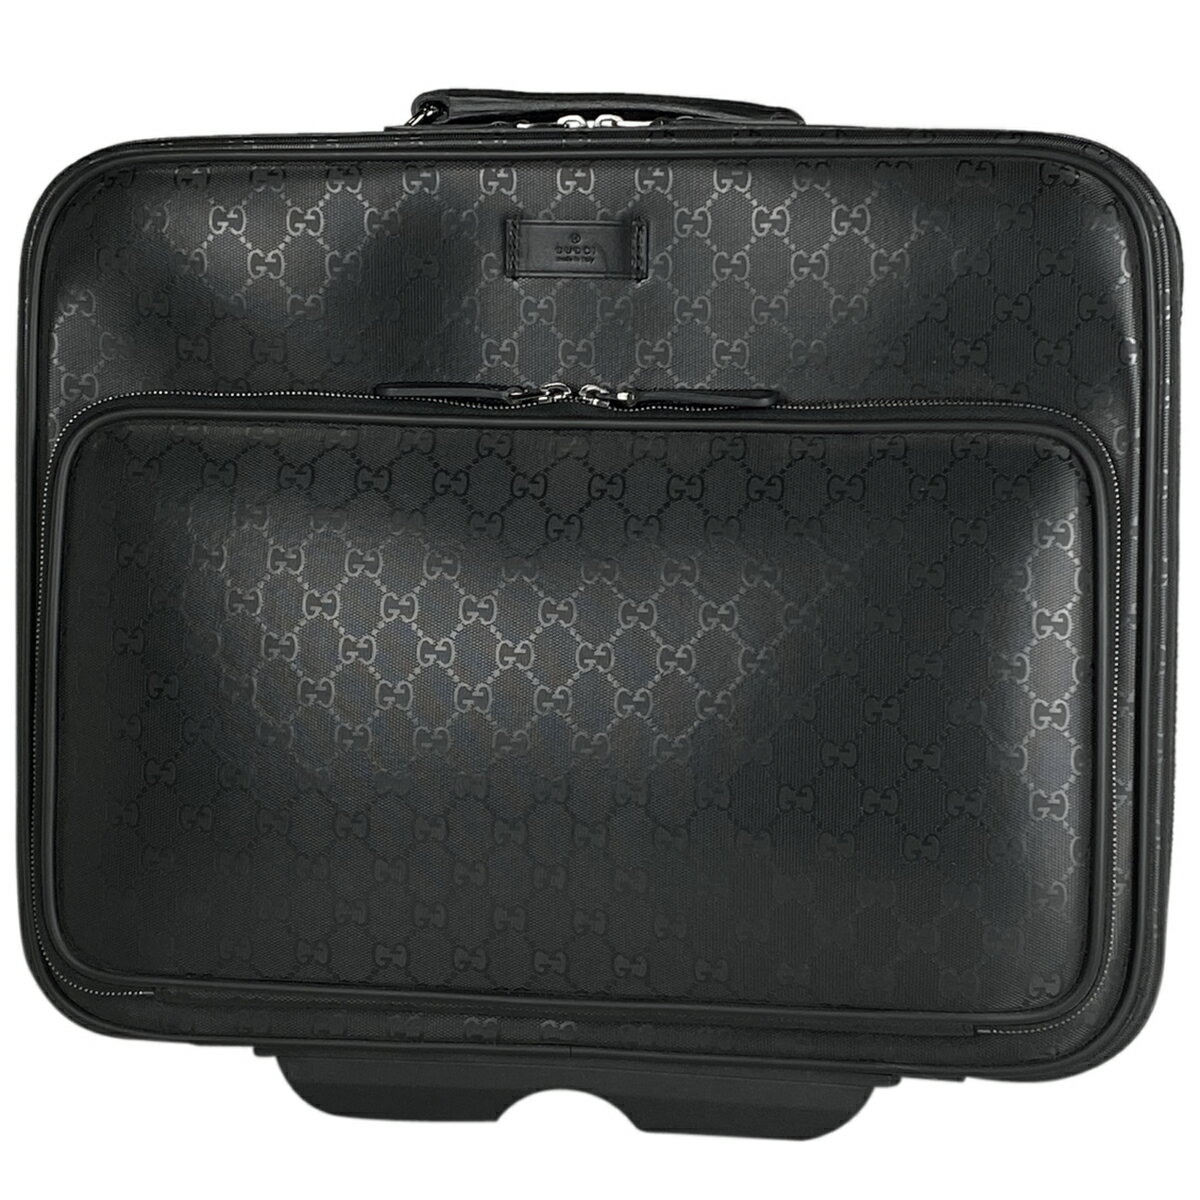 バッグ, スーツケース・キャリーバッグ  GUCCI GG 3 GG PVC 246459